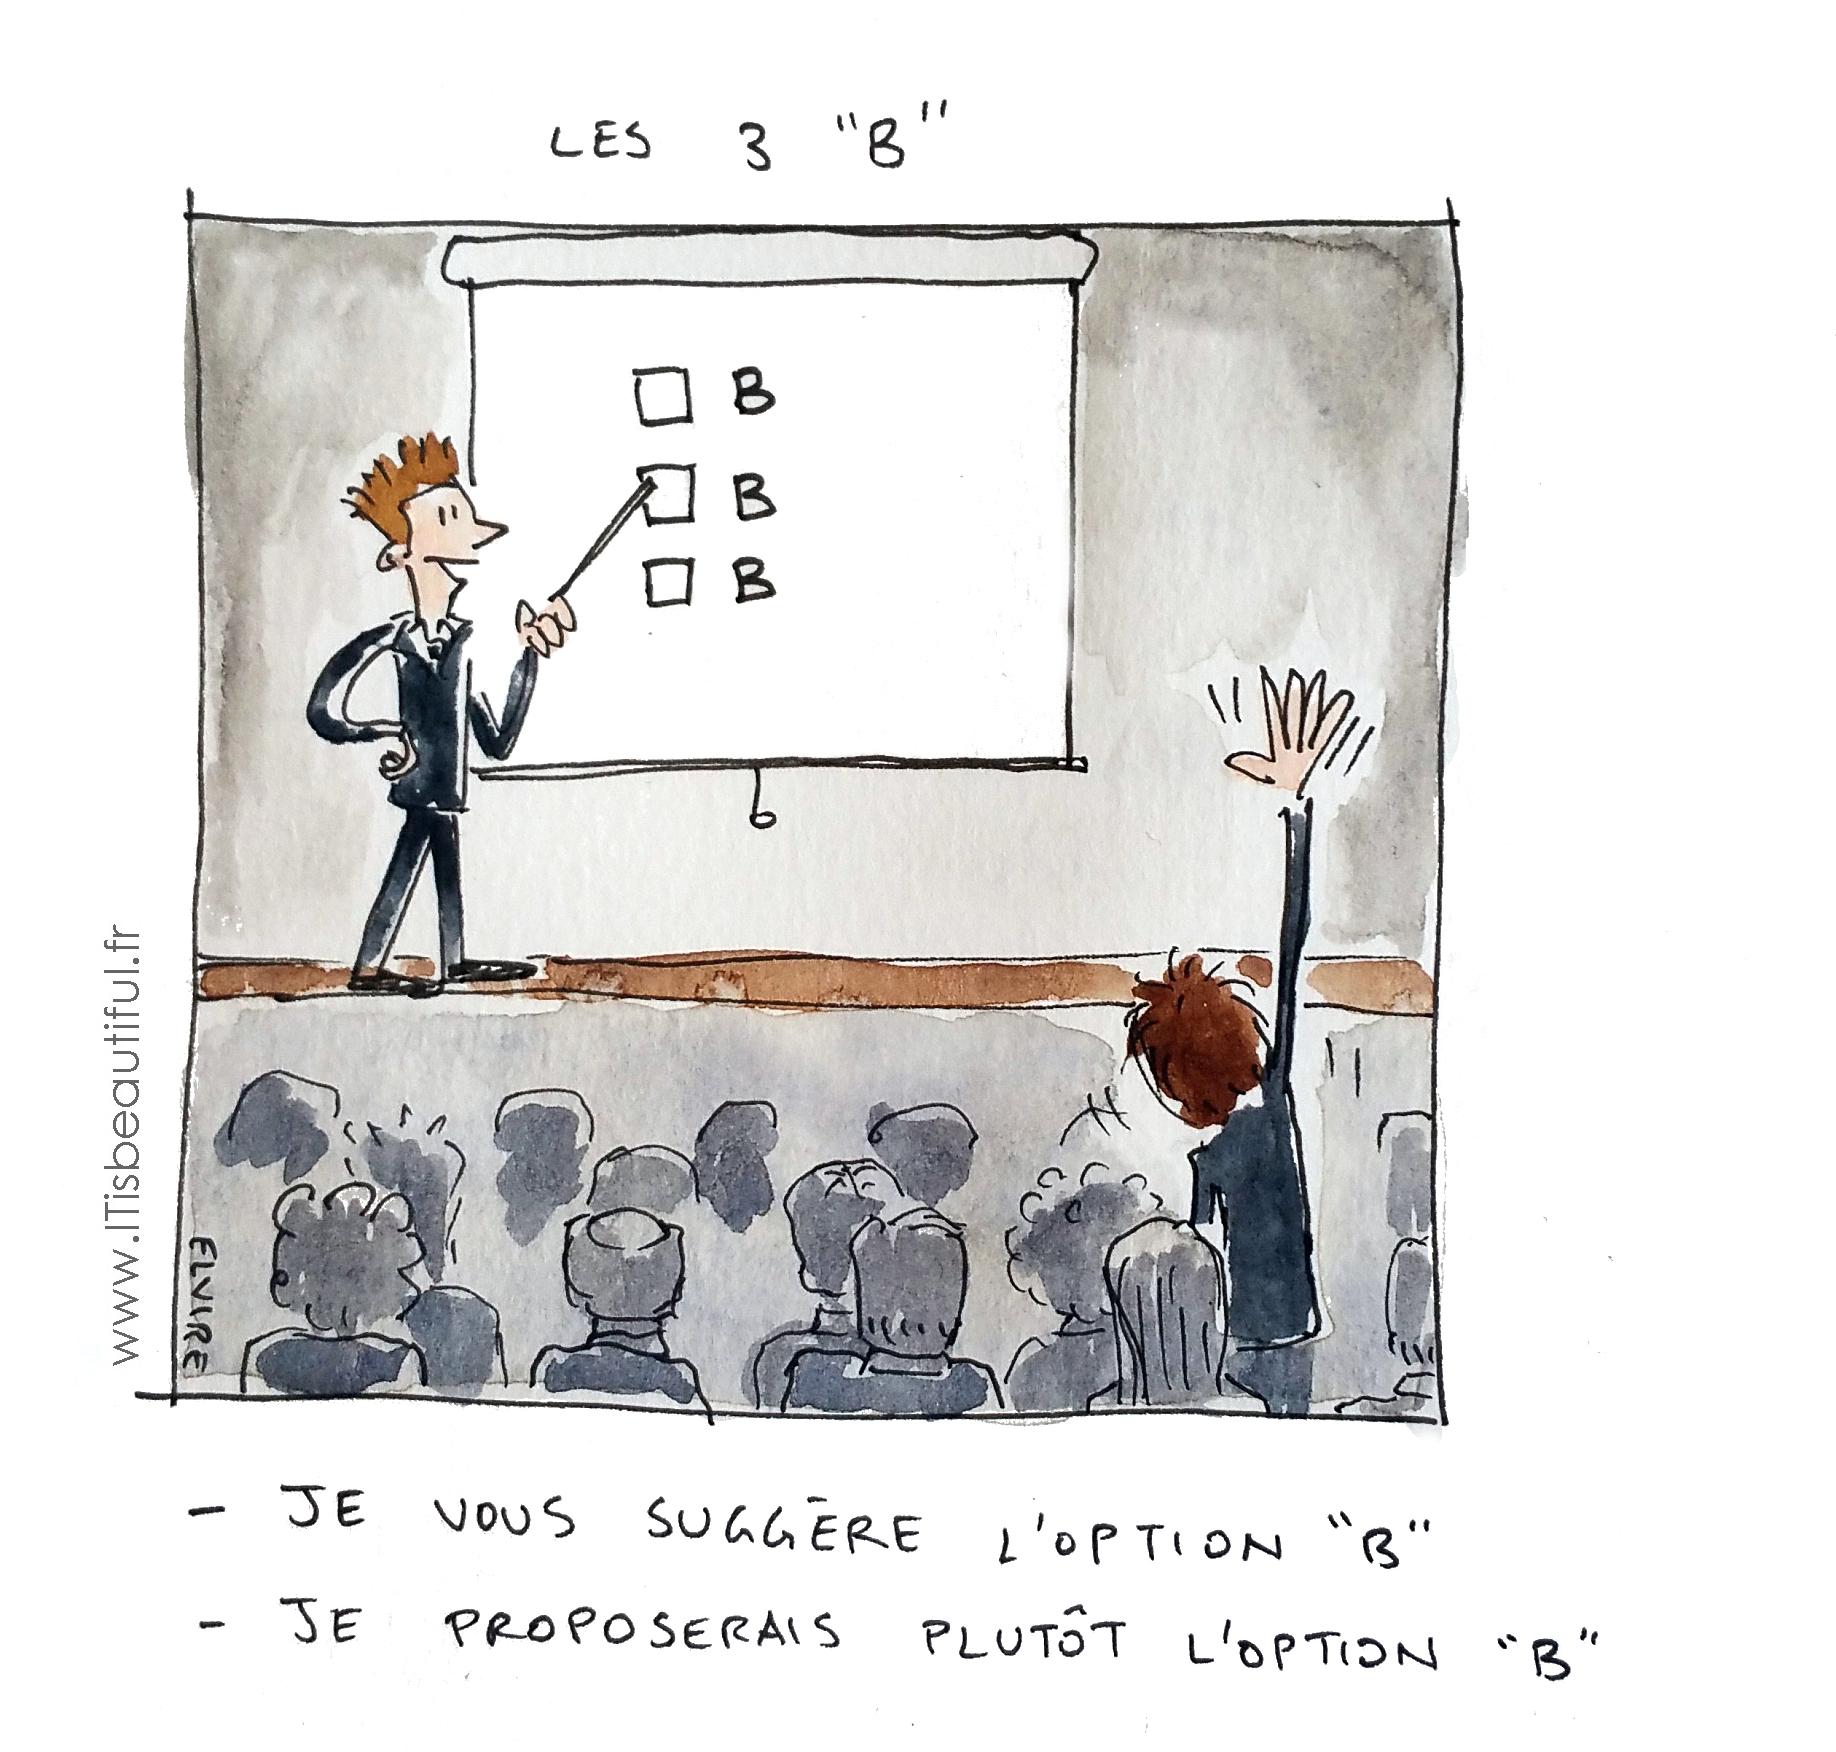 Le lexique illustr du conseil les 3 b s it is beautiful - Petit cabinet de conseil en strategie ...